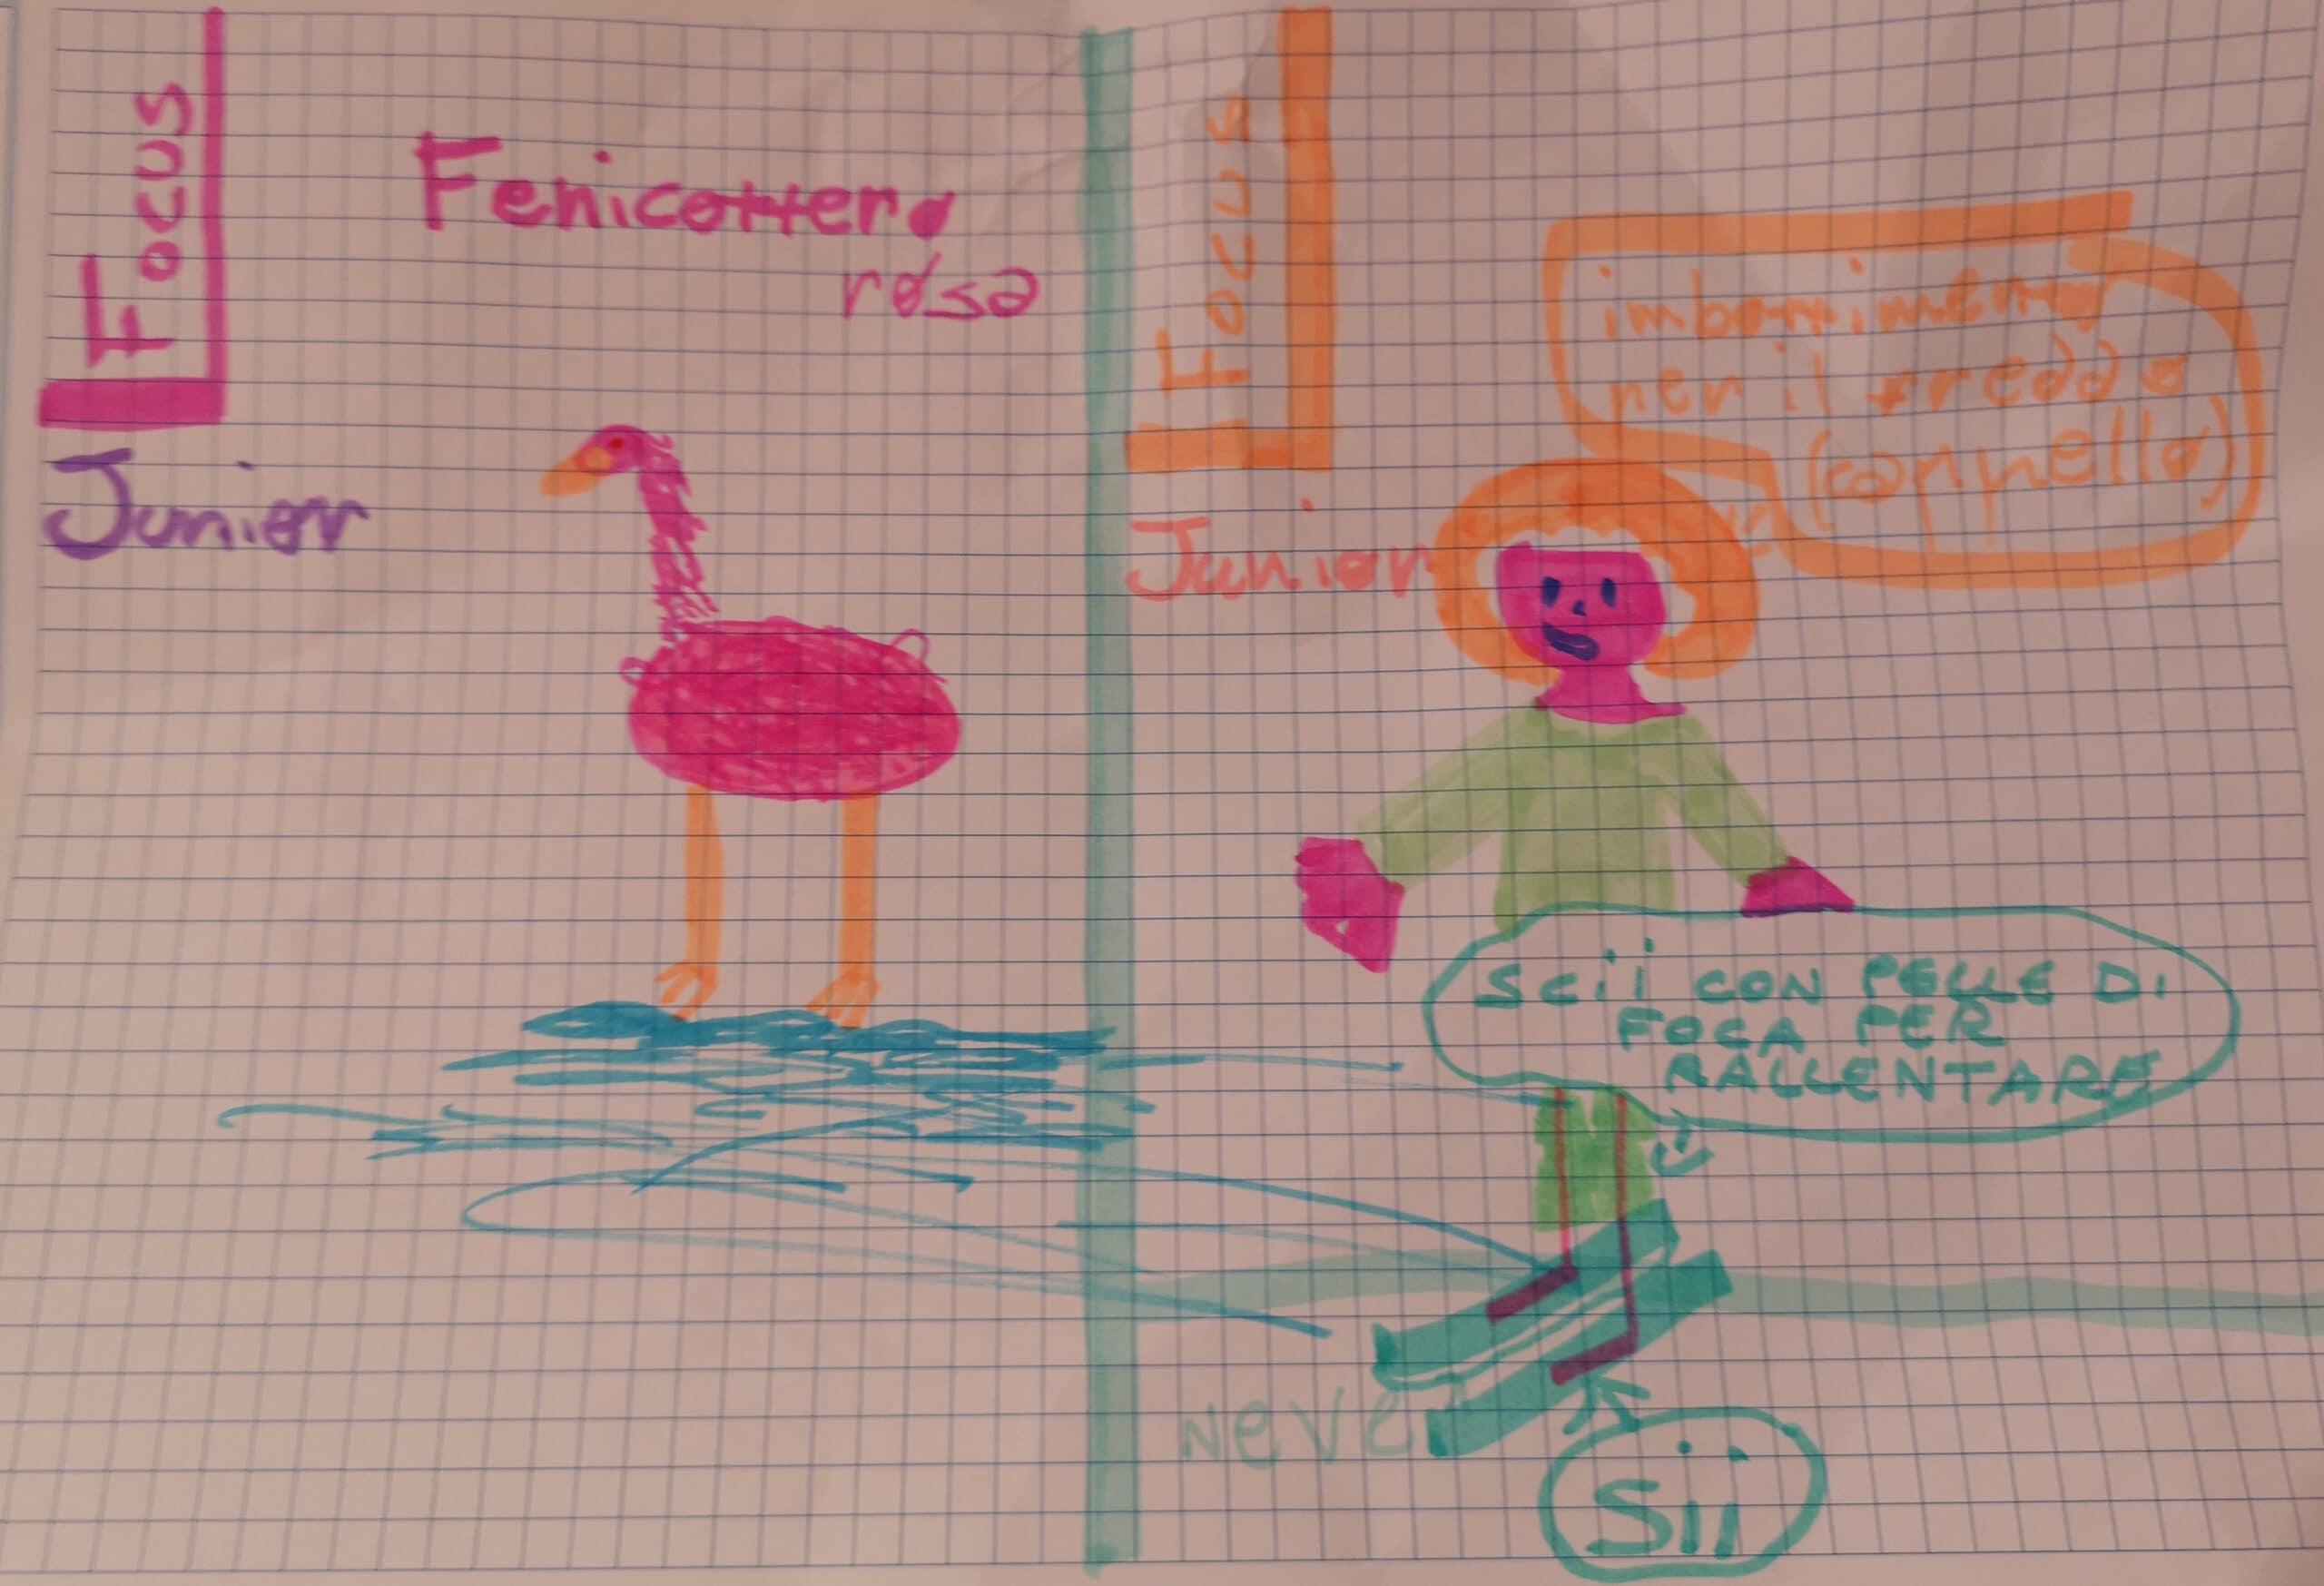 Gallery, i nostri amici animali nei disegni dei focusini 5